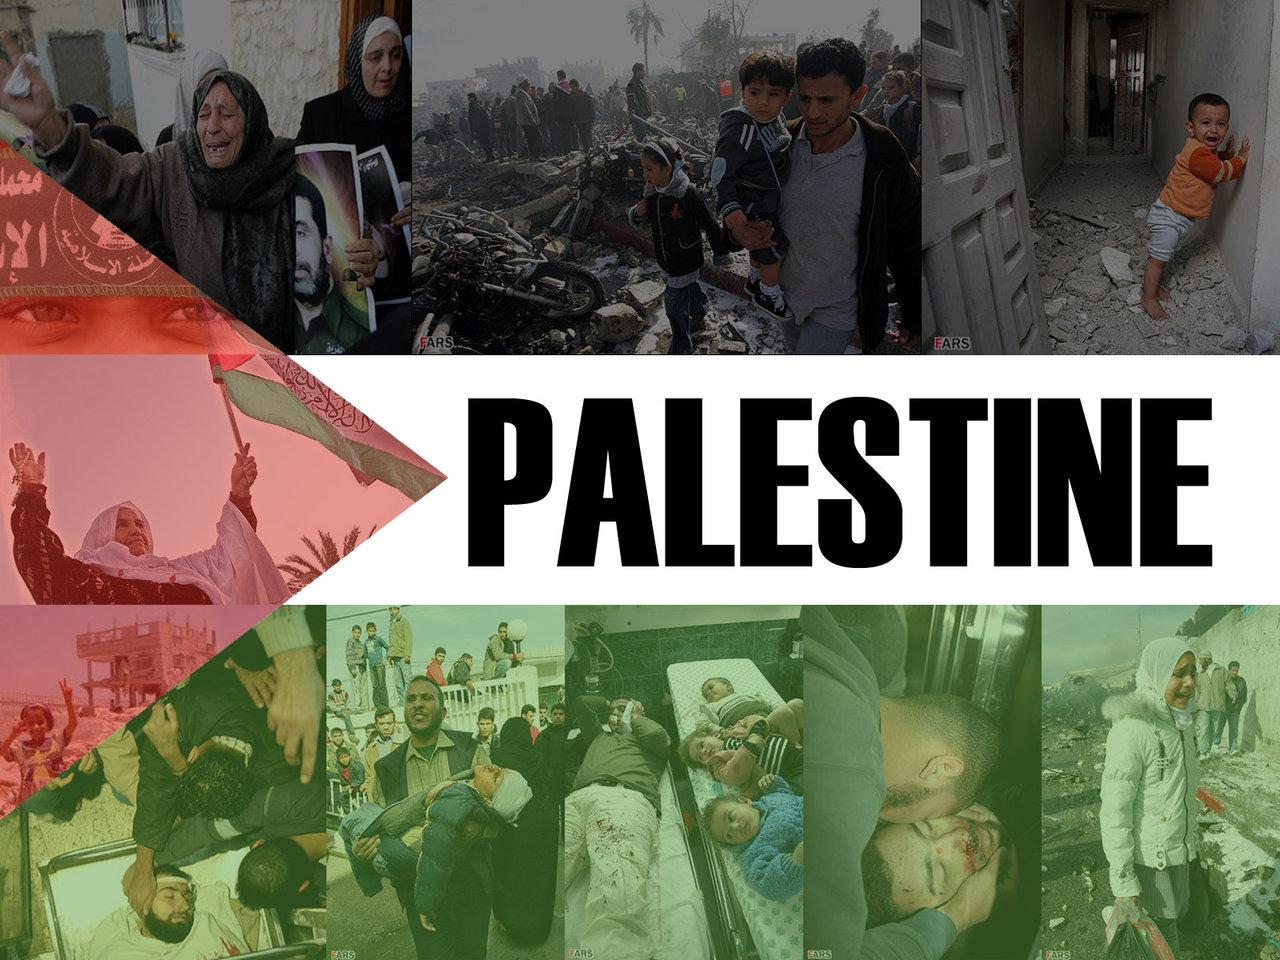 http://3.bp.blogspot.com/-yHJfPo6g0D0/T7RaEjaaBEI/AAAAAAAAEVg/h2sc8bk_v8A/s1600/palestine_photo_wallpaper_by_zealousofpeace.jpg